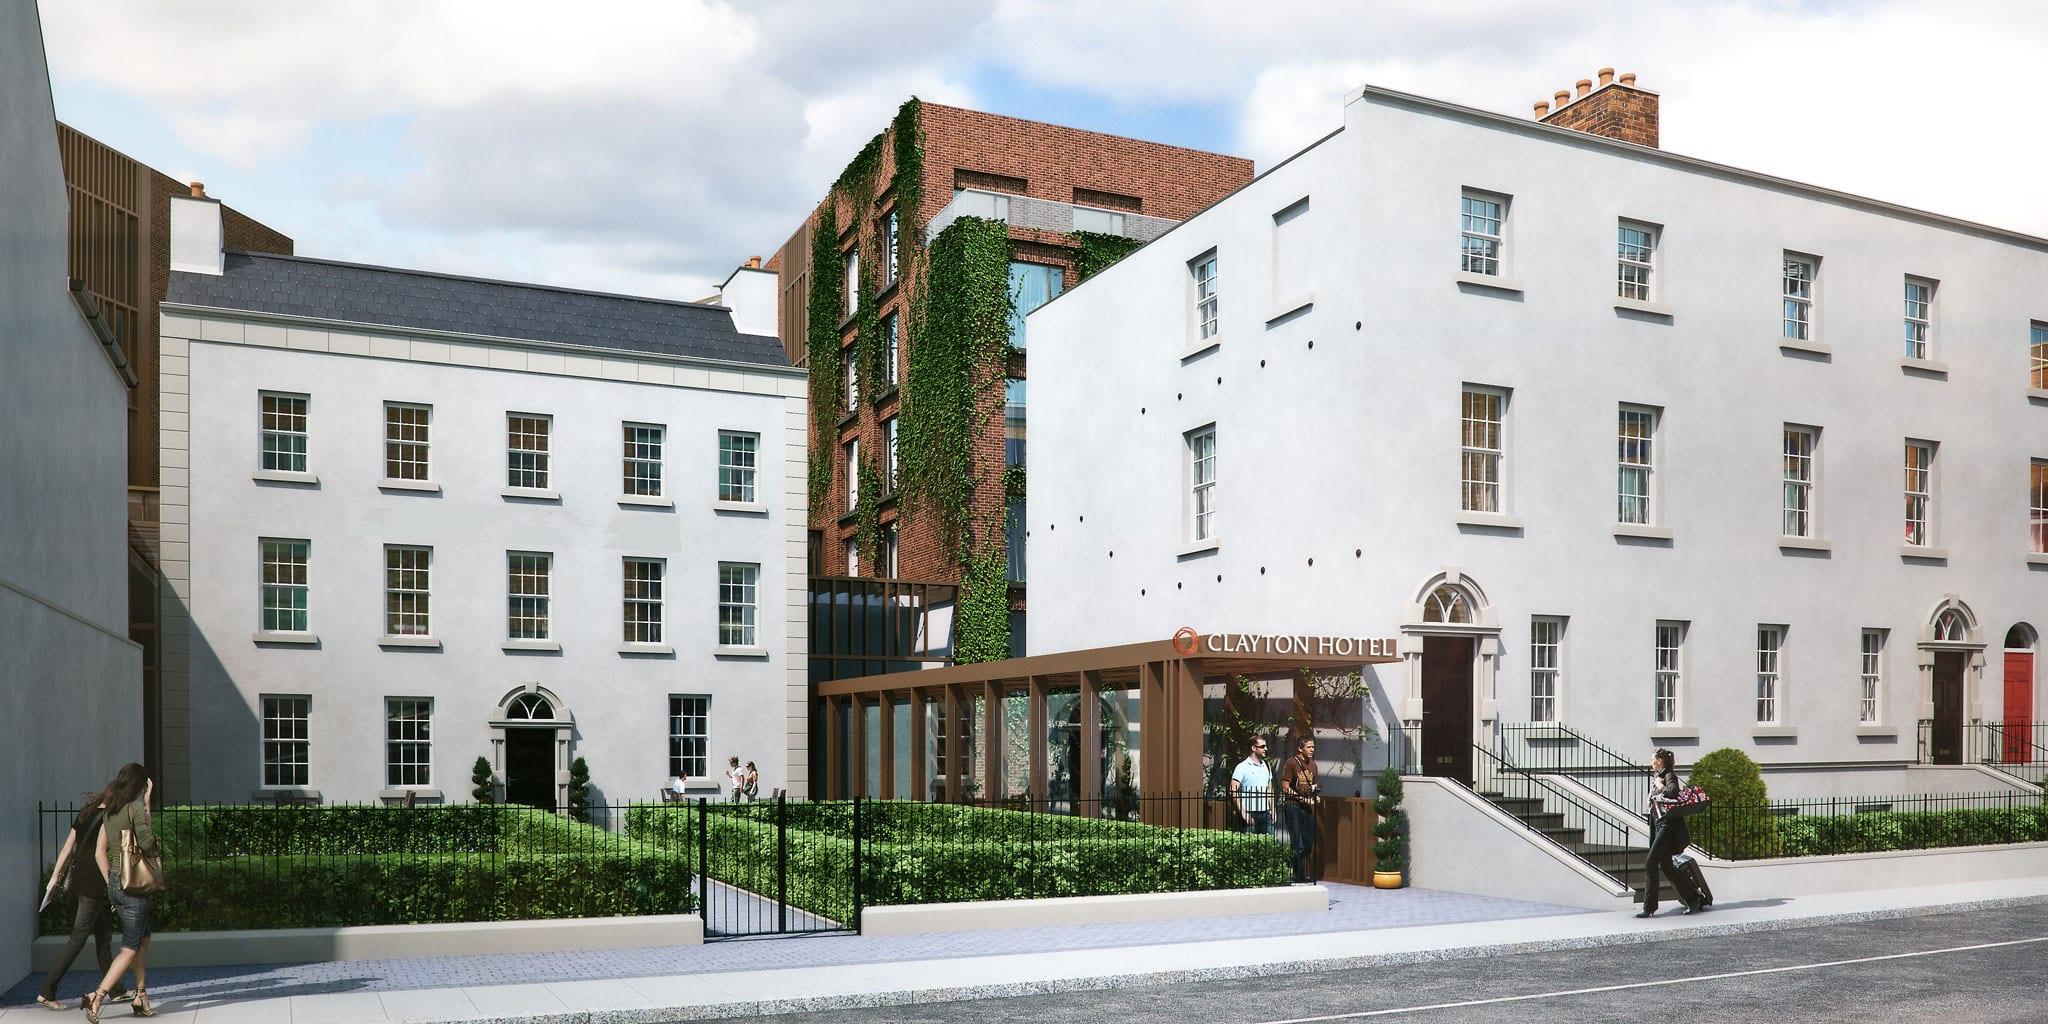 Clayton Hotel Charlemont Street